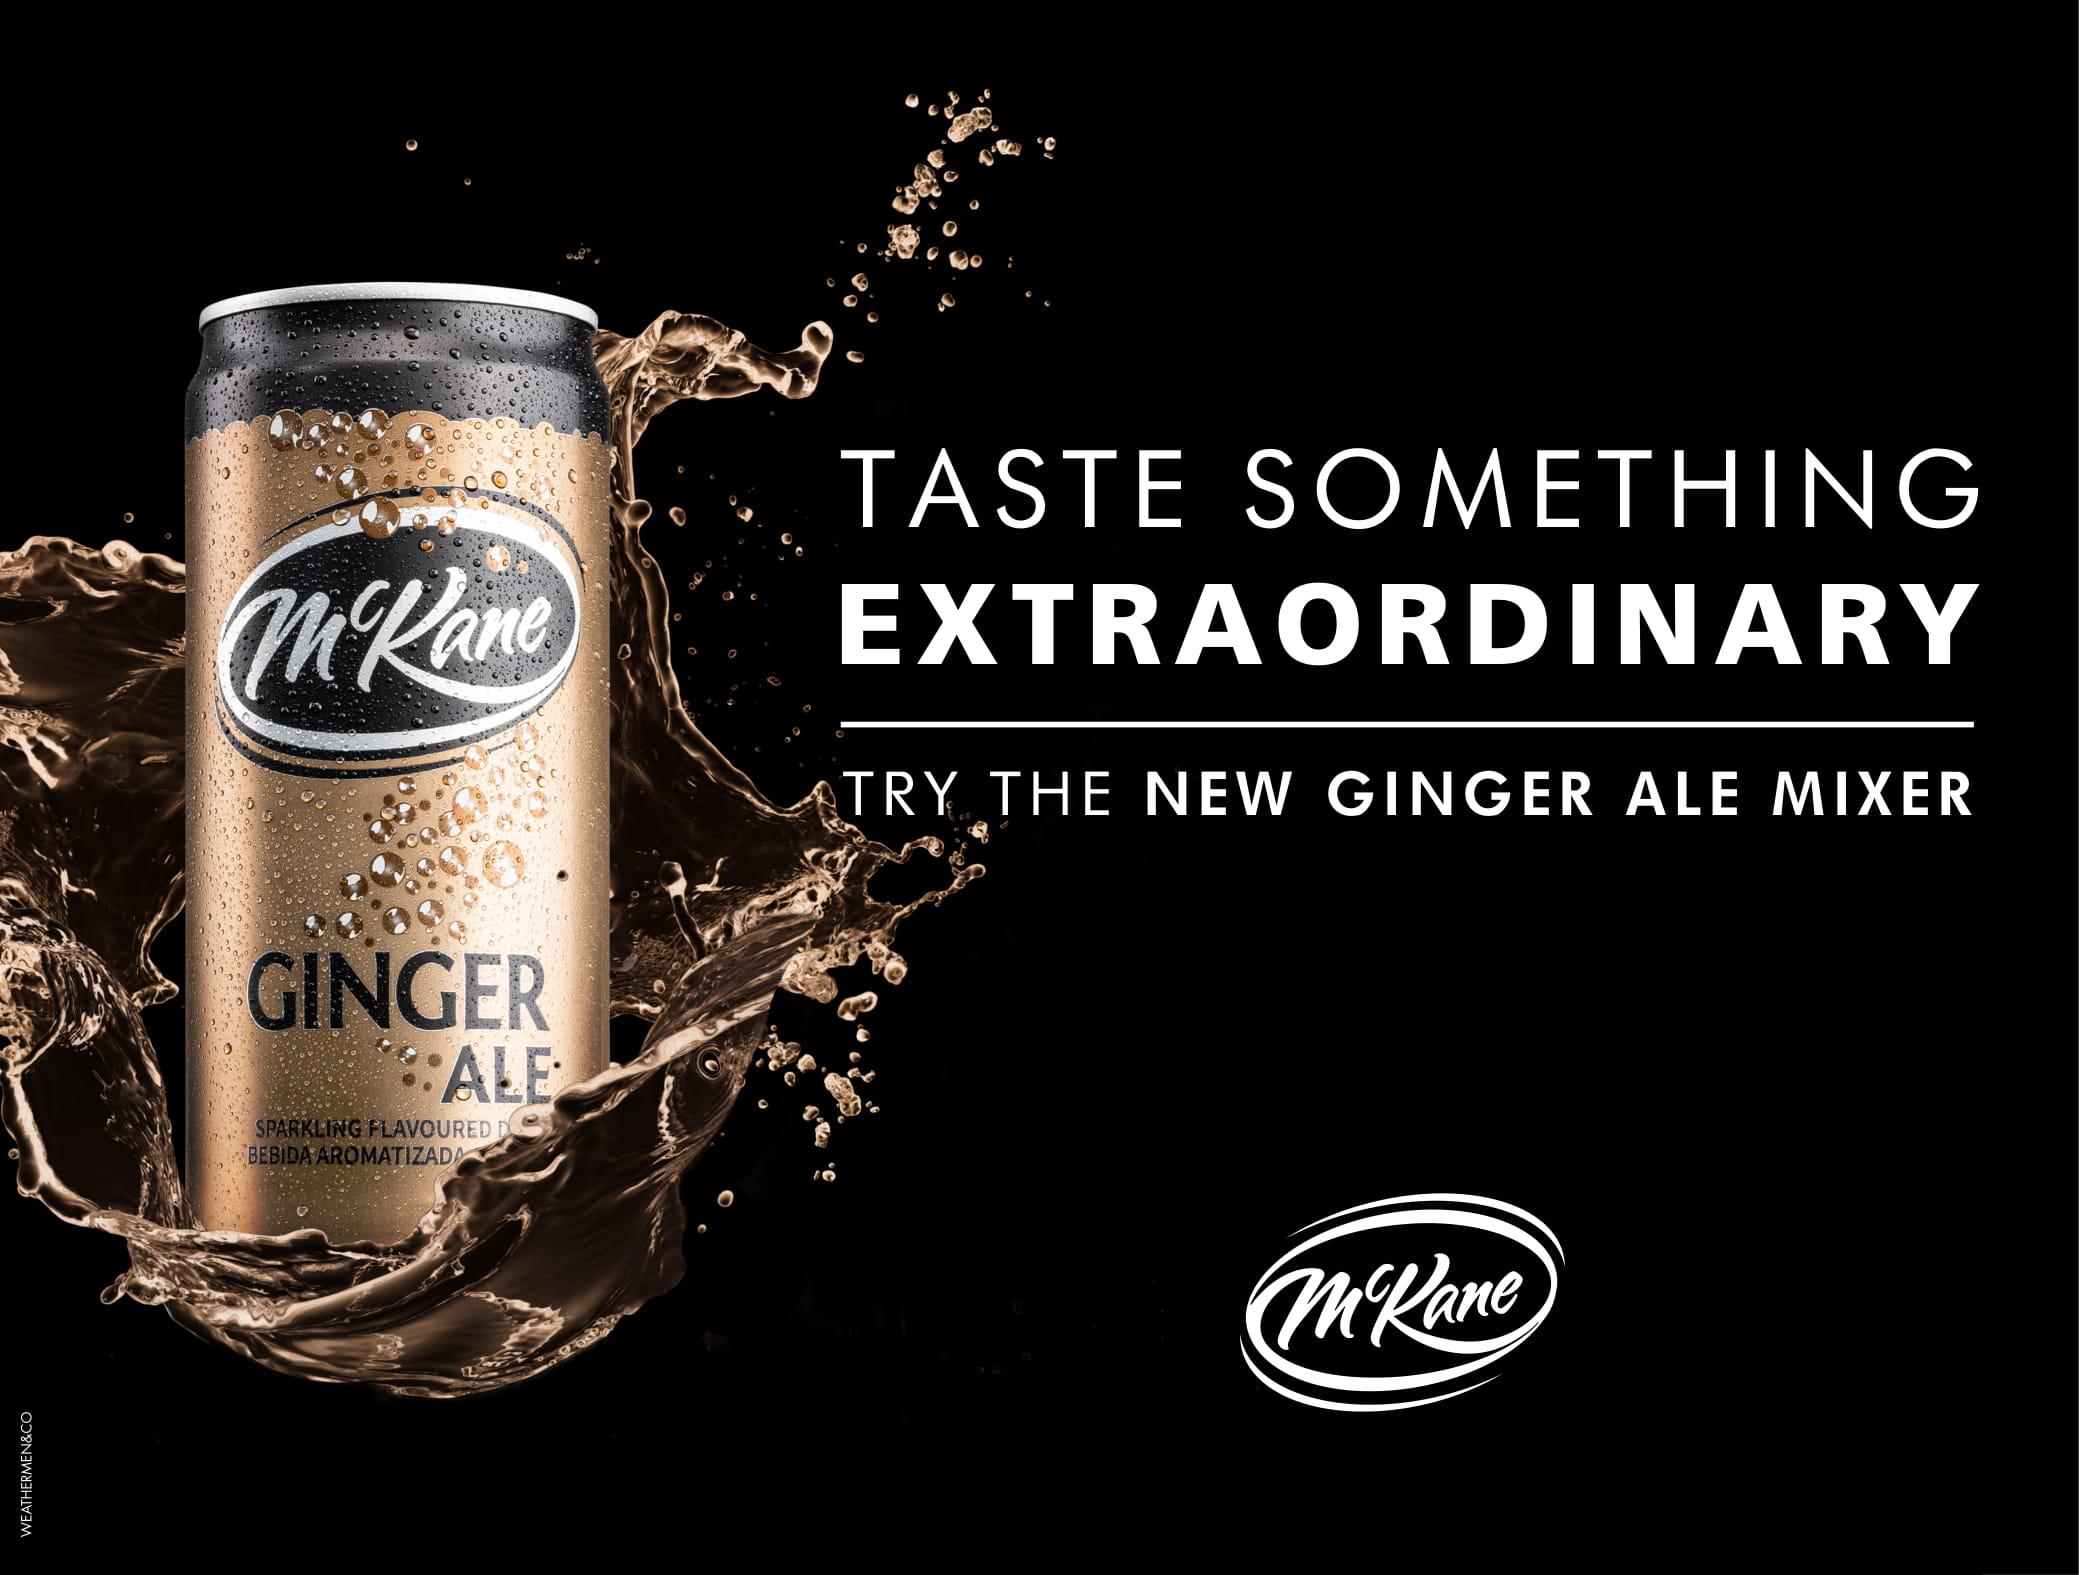 McKane Ginger Ale